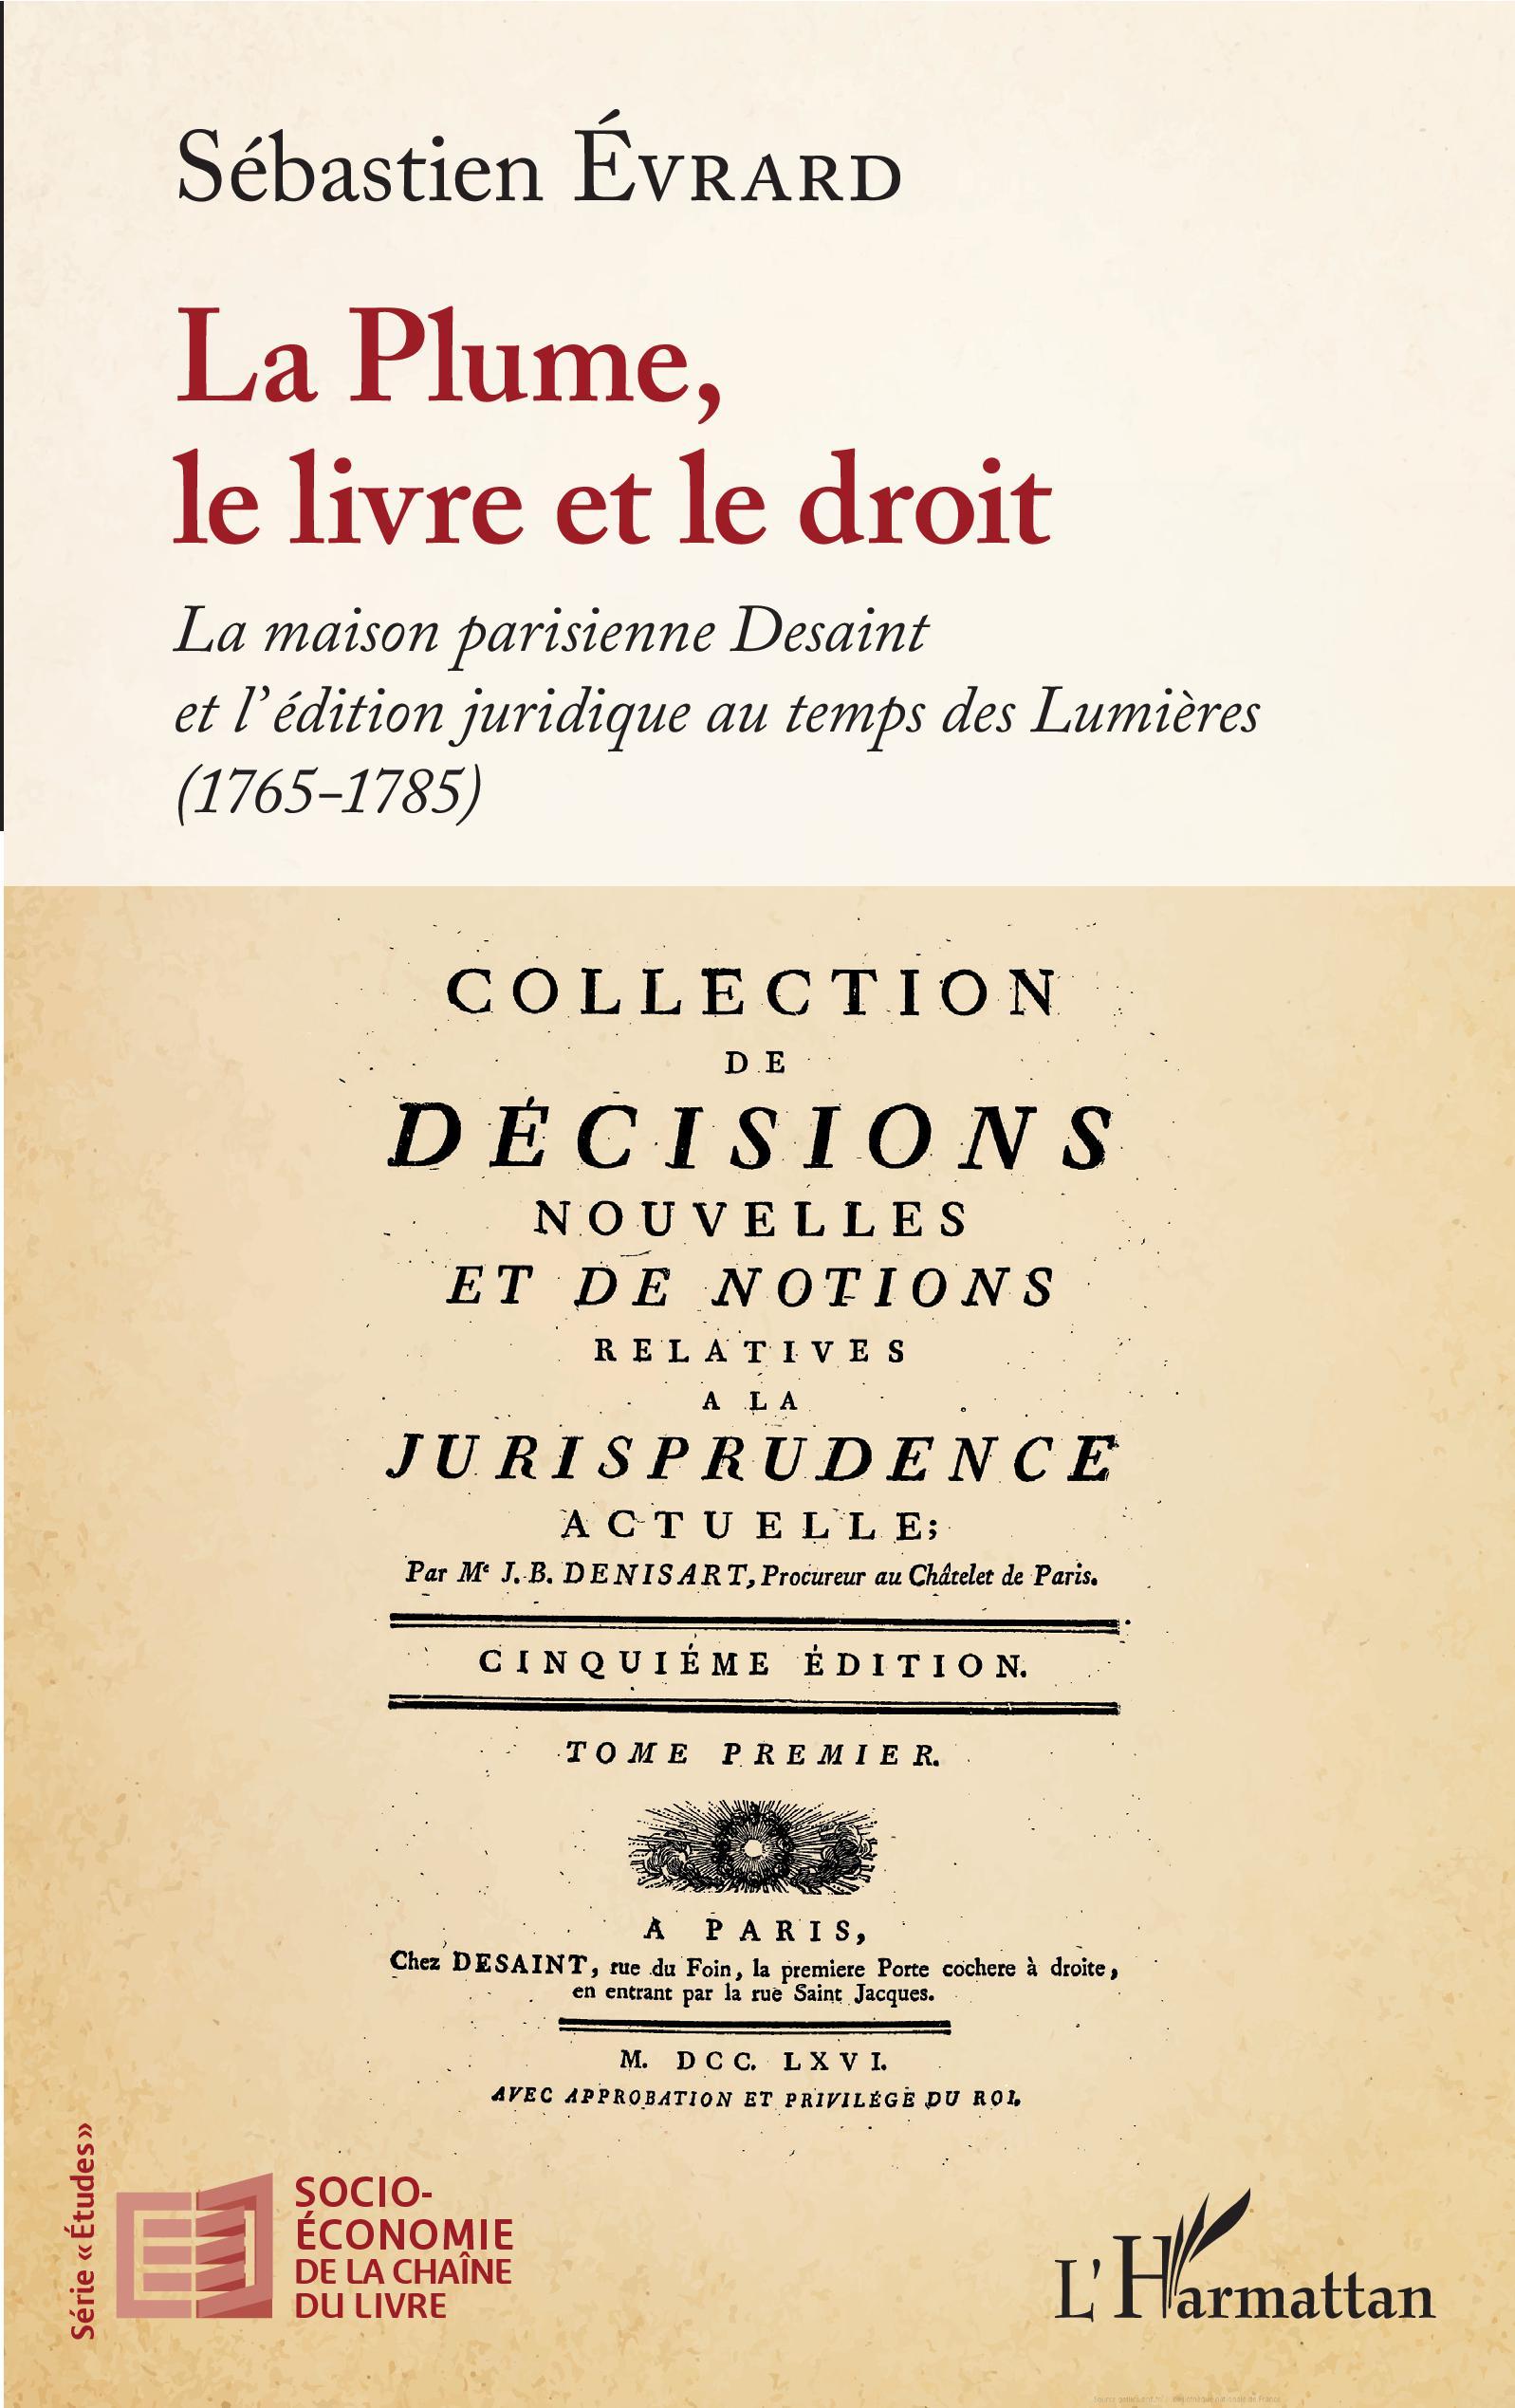 LA PLUME, LE LIVRE ET LE DROIT - La maison parisienne Desaint et l'édition  juridique au temps des Lumières - (1765-1785), Sébastien Evrard - livre,  ebook, epub